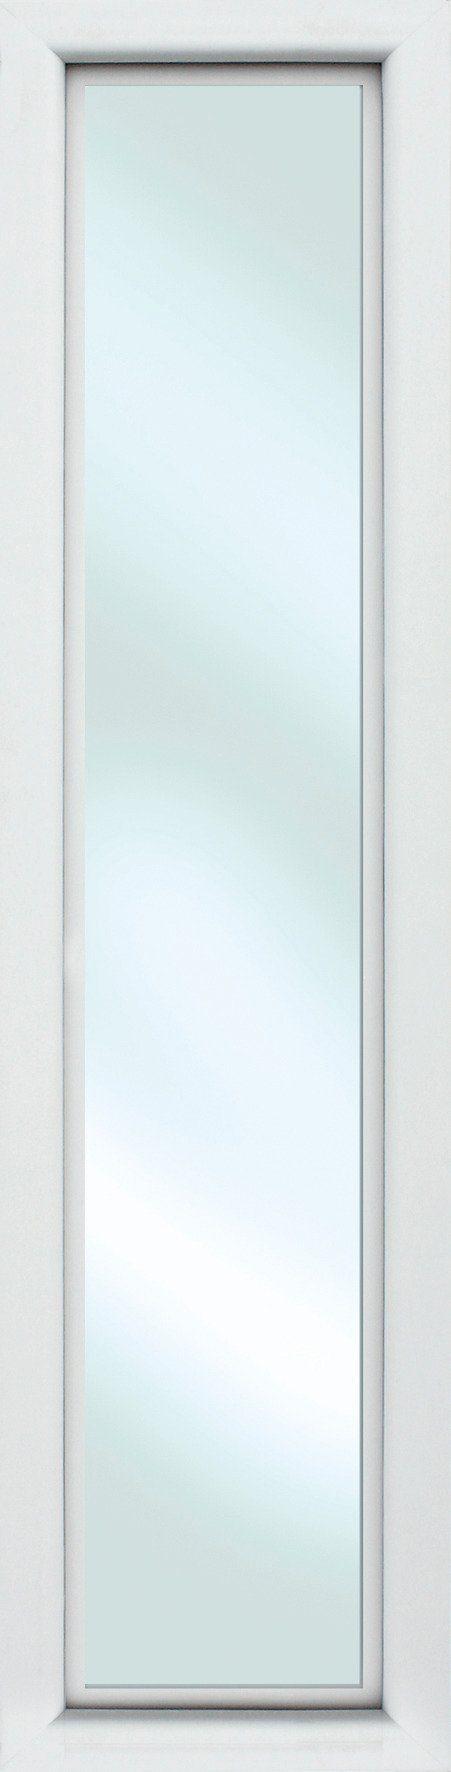 KM MEETH ZAUN GMBH Seitenteile »S01«, für Alu-Haustür, BxH: 50x208 cm, weiß